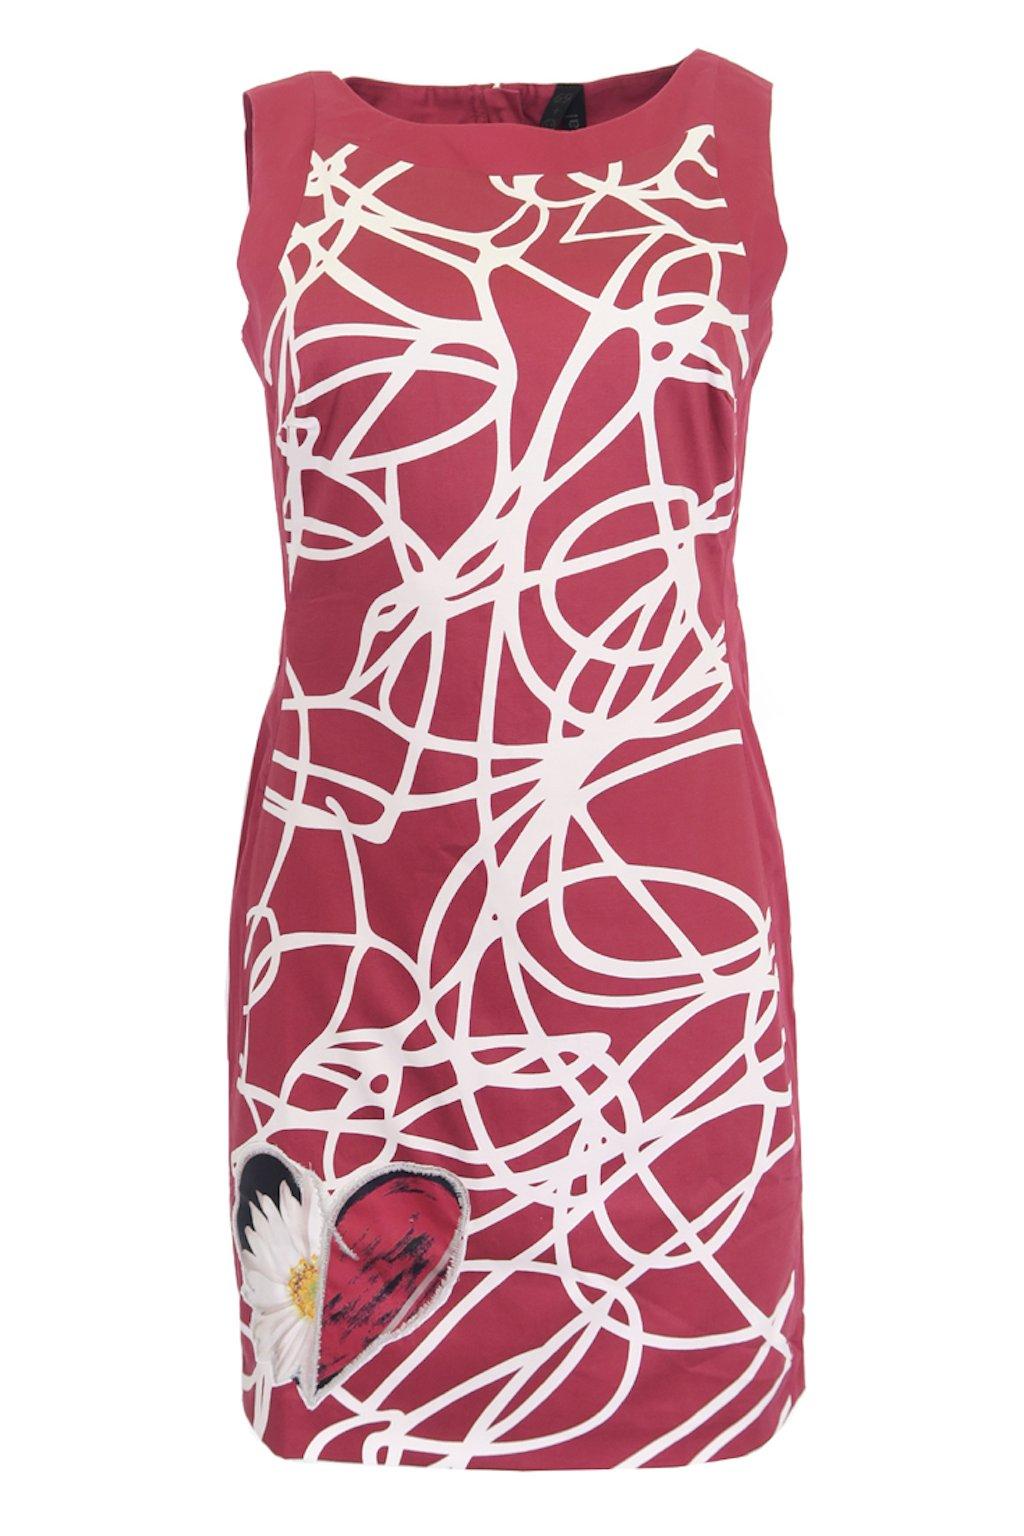 Vínové šaty Desigual s malbou